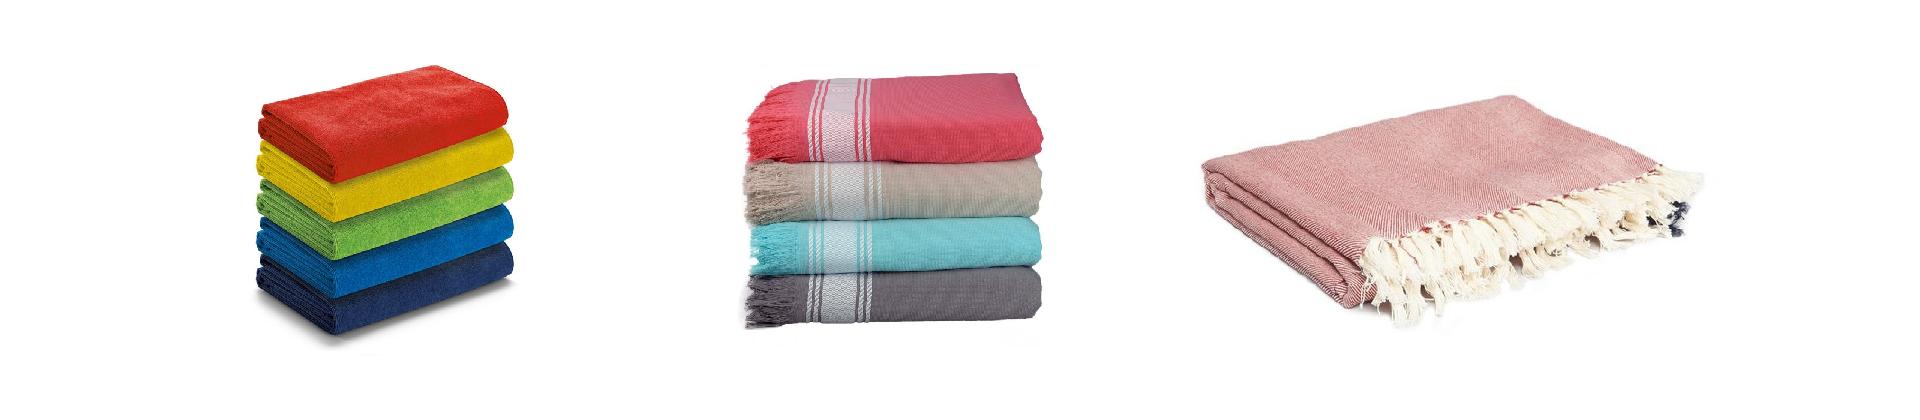 Draps et serviettes de plage et piscine pour hôtels